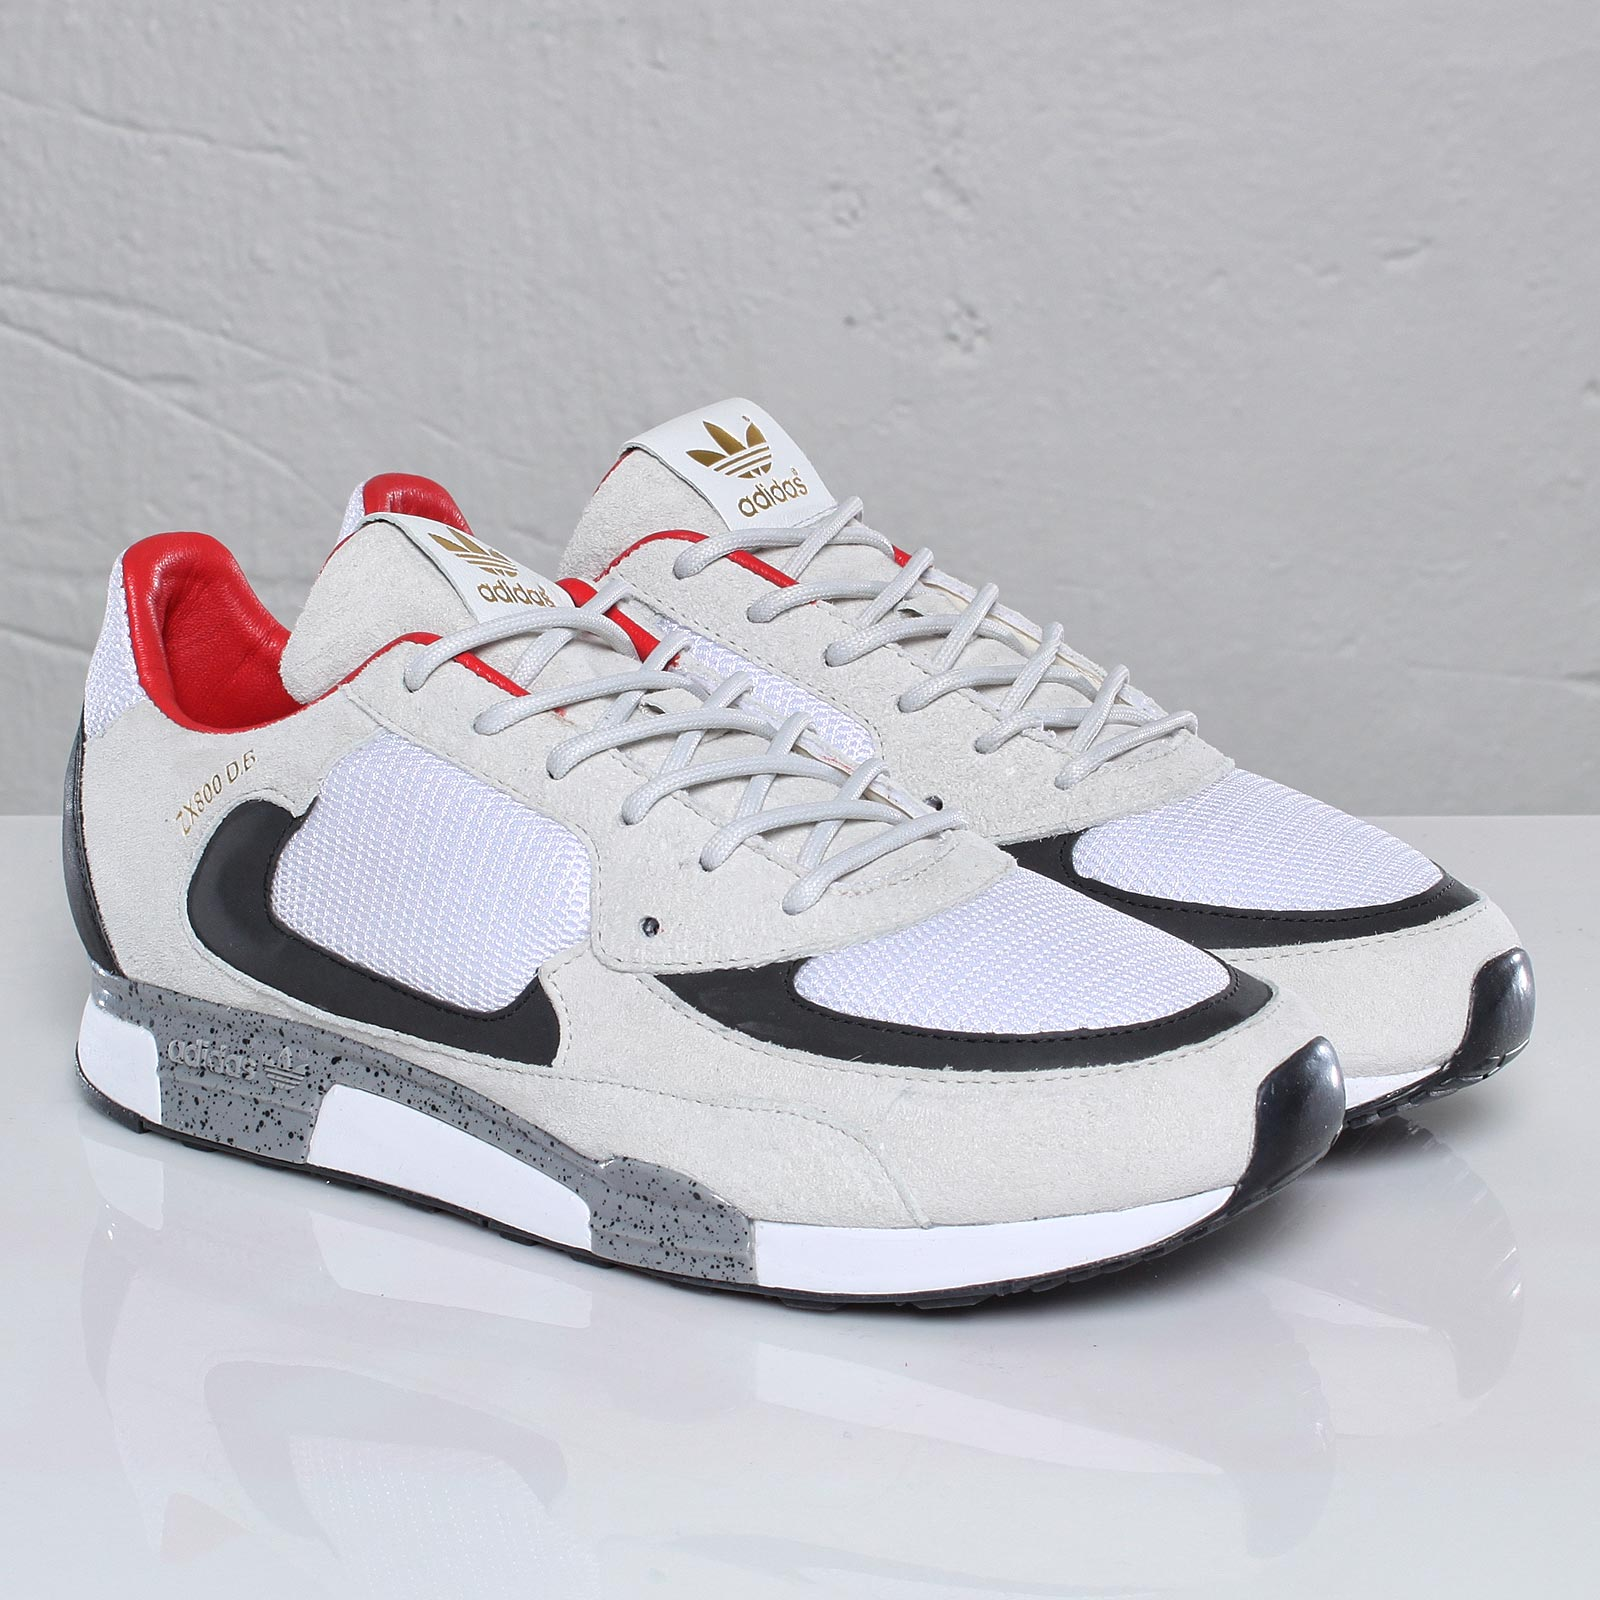 8cec8bba4 adidas ZX 800 DB - 100568 - Sneakersnstuff